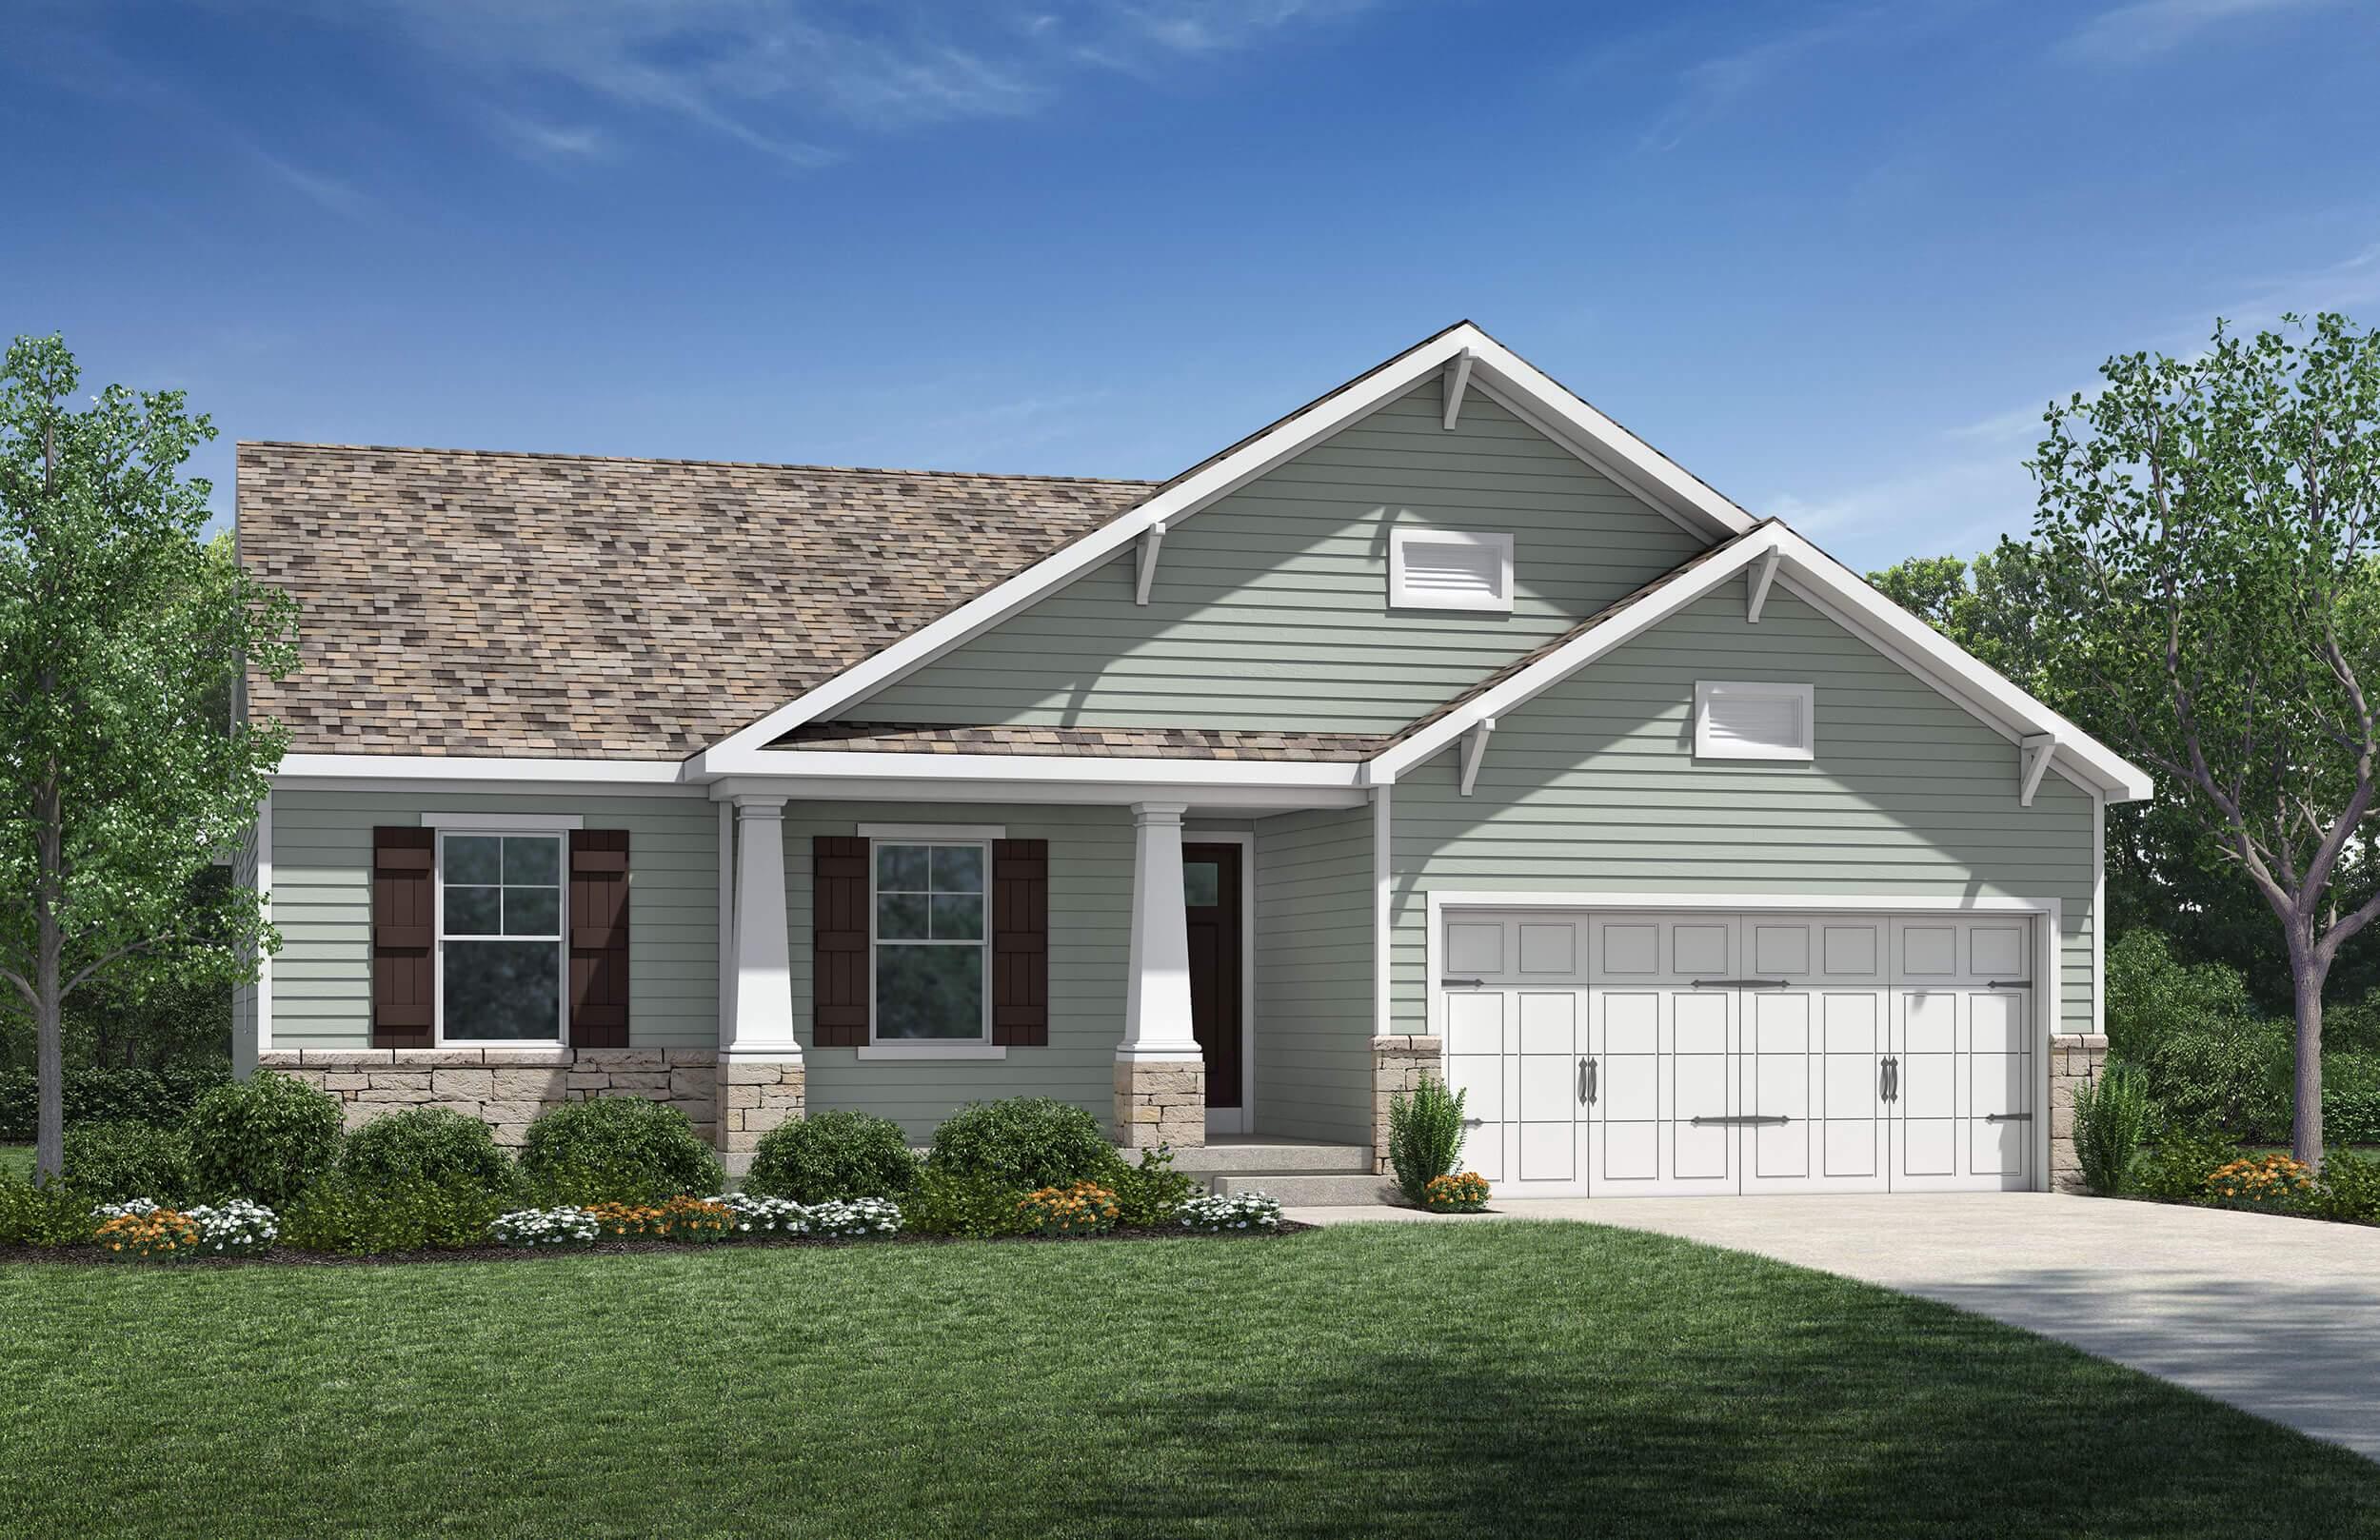 Baxley-Design-at-Weaver Ridge-in-Marysville